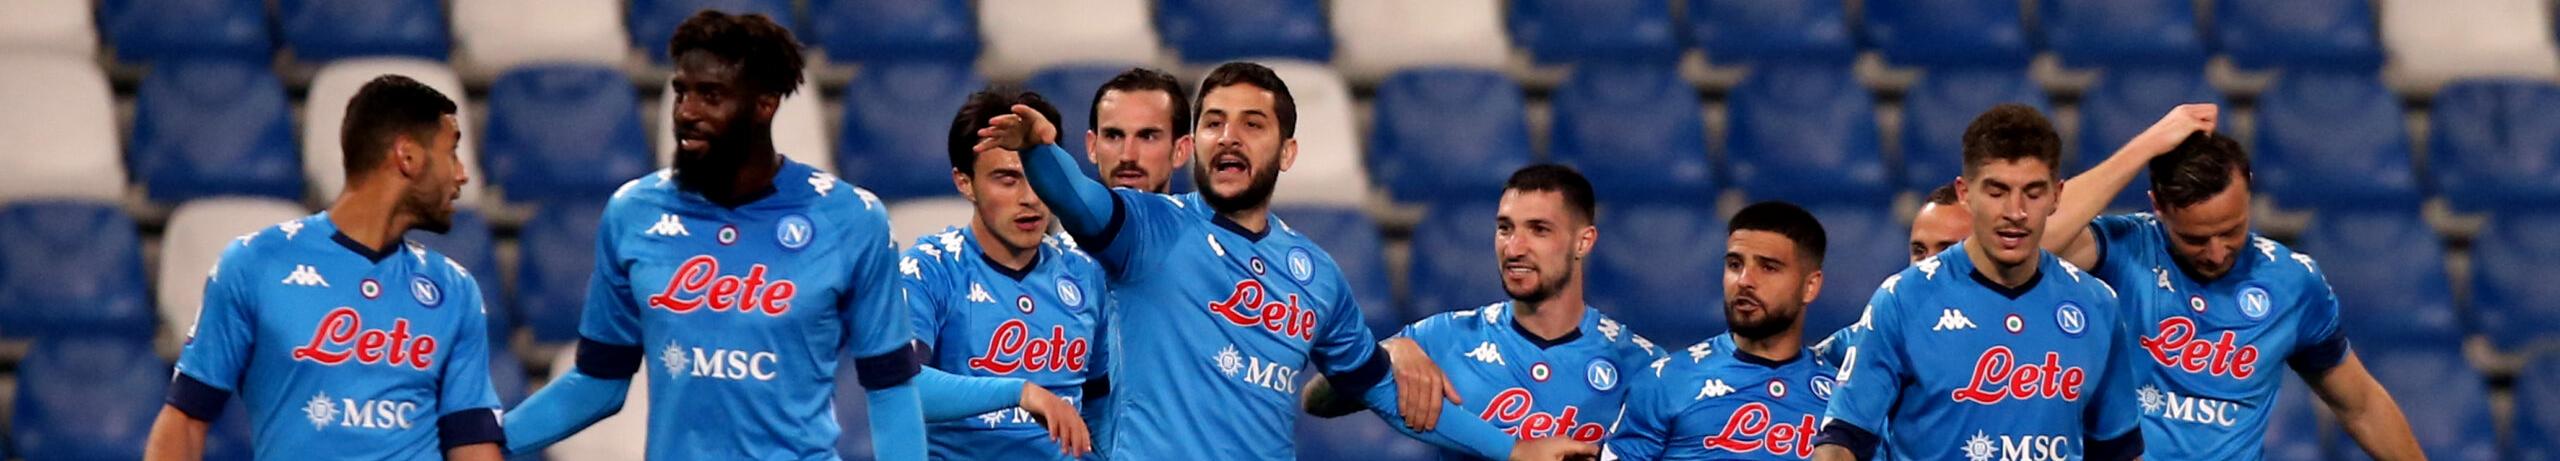 Napoli-Bologna, ultima chiamata Champions per gli azzurri?